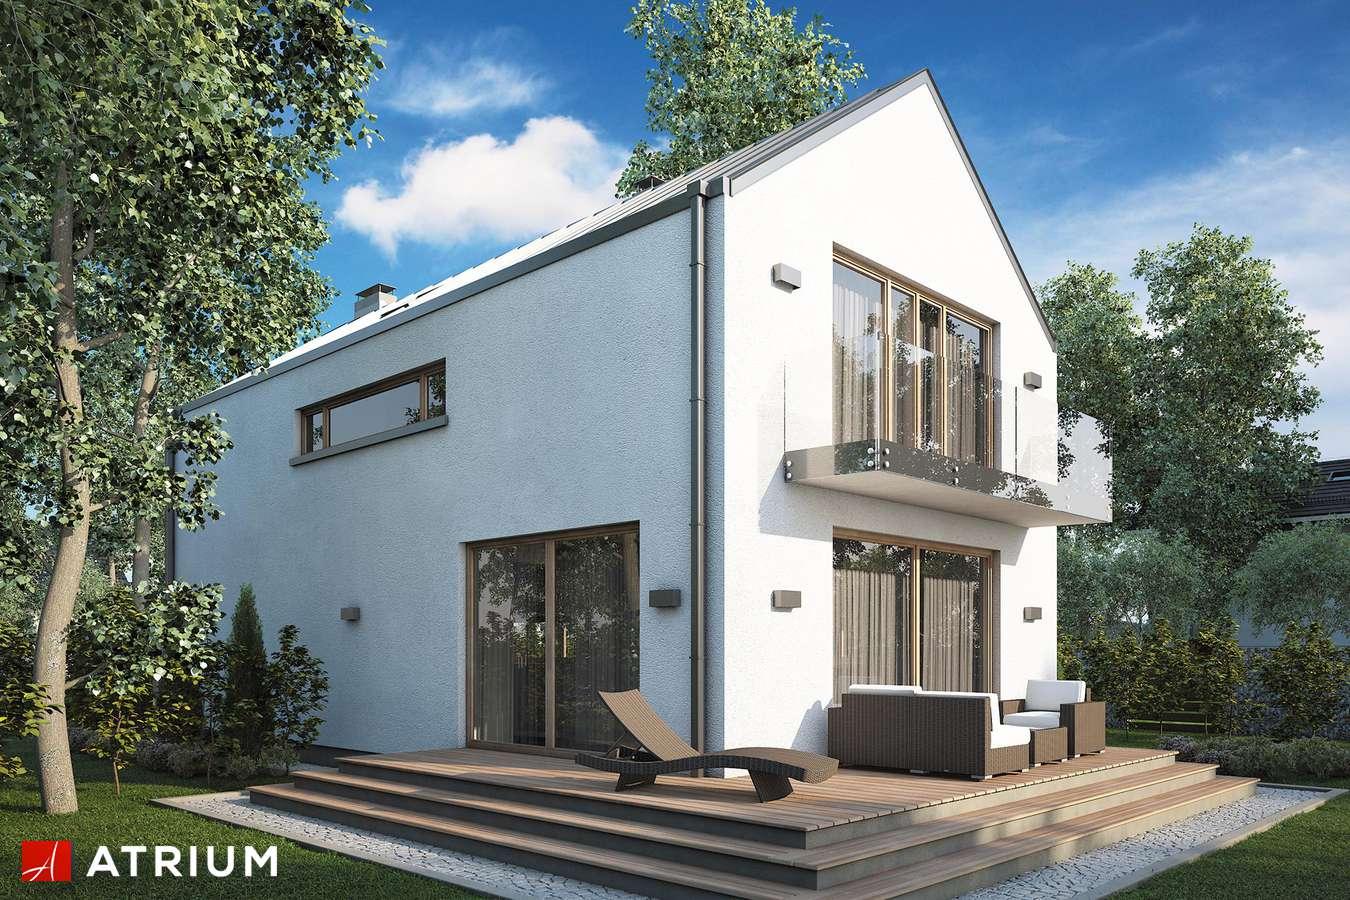 Projekty domów - Projekt domu z poddaszem BRUNO - wizualizacja 2 - wersja lustrzana